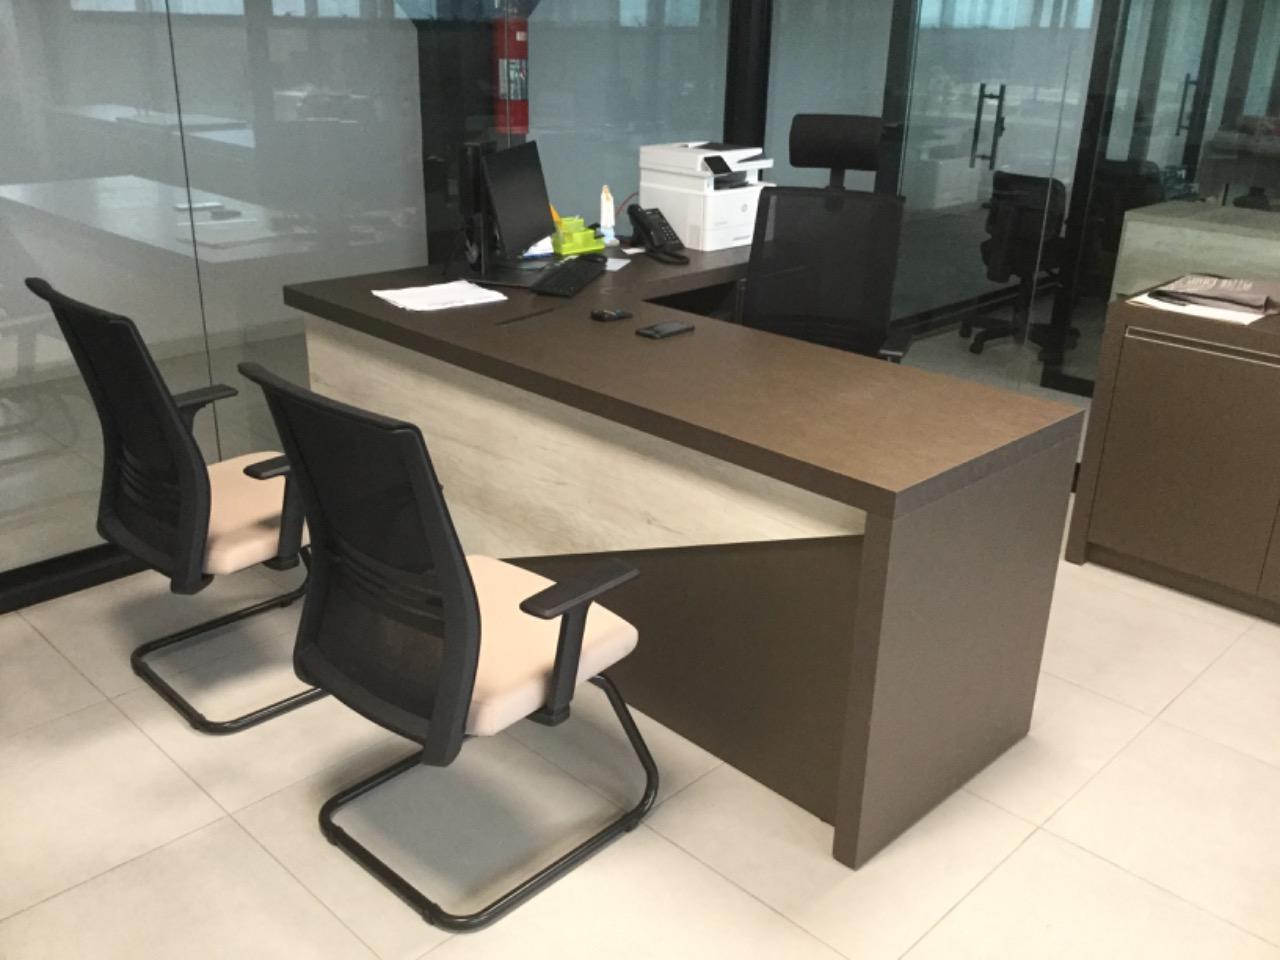 Cadeira Agile ambiente 2 - Poltrona Presidente Agile  Fixa